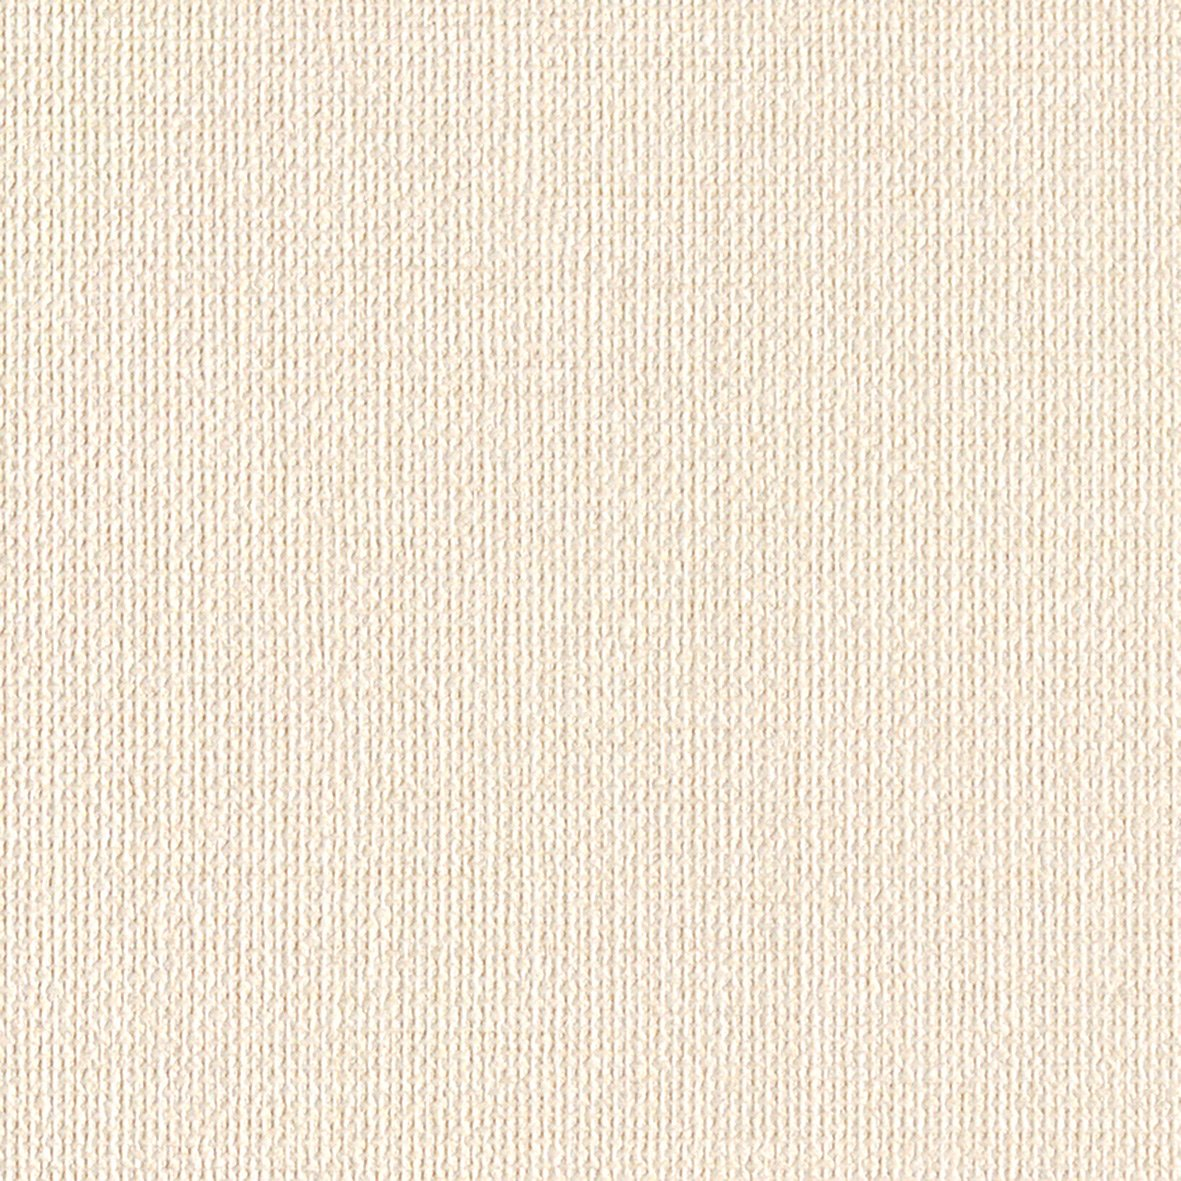 リリカラ 壁紙39m シンフル 織物調 ベージュ タフクリーン LV-6019 B01IHPGYJK 39m|ベージュ